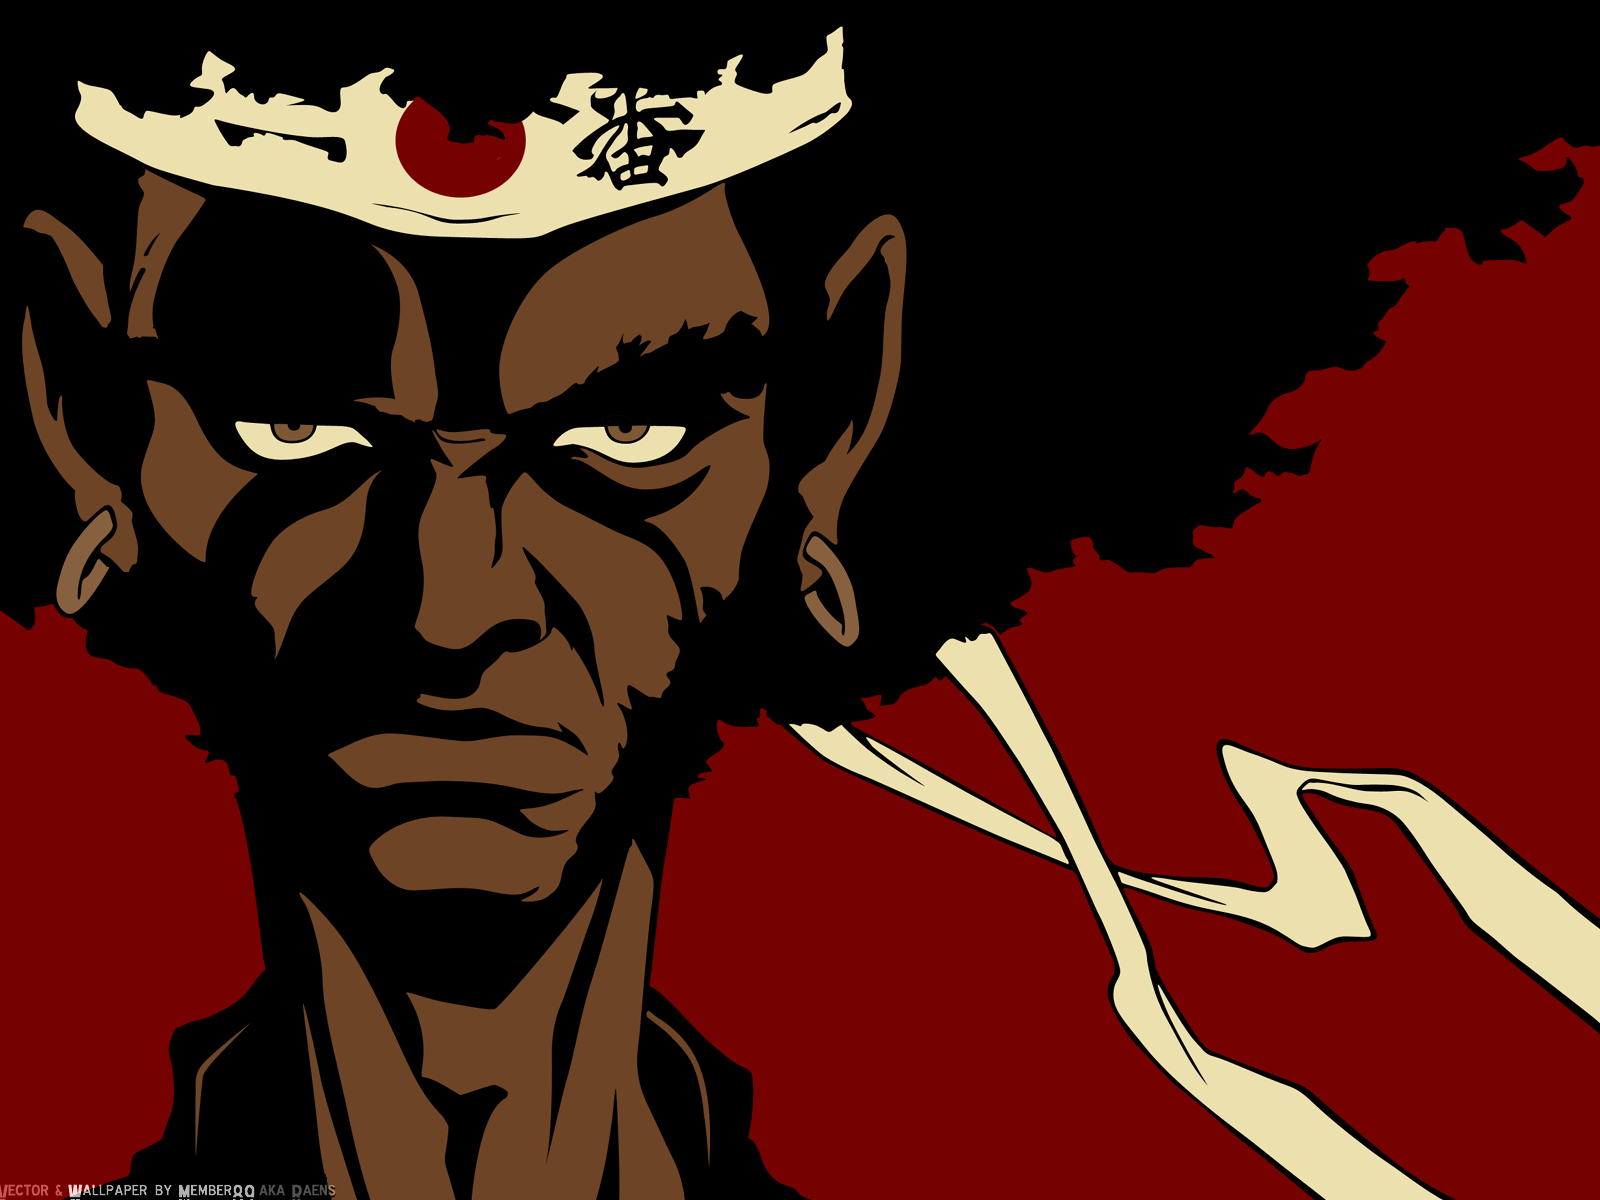 Afro Samurai Wallpapers Top Free Afro Samurai Backgrounds